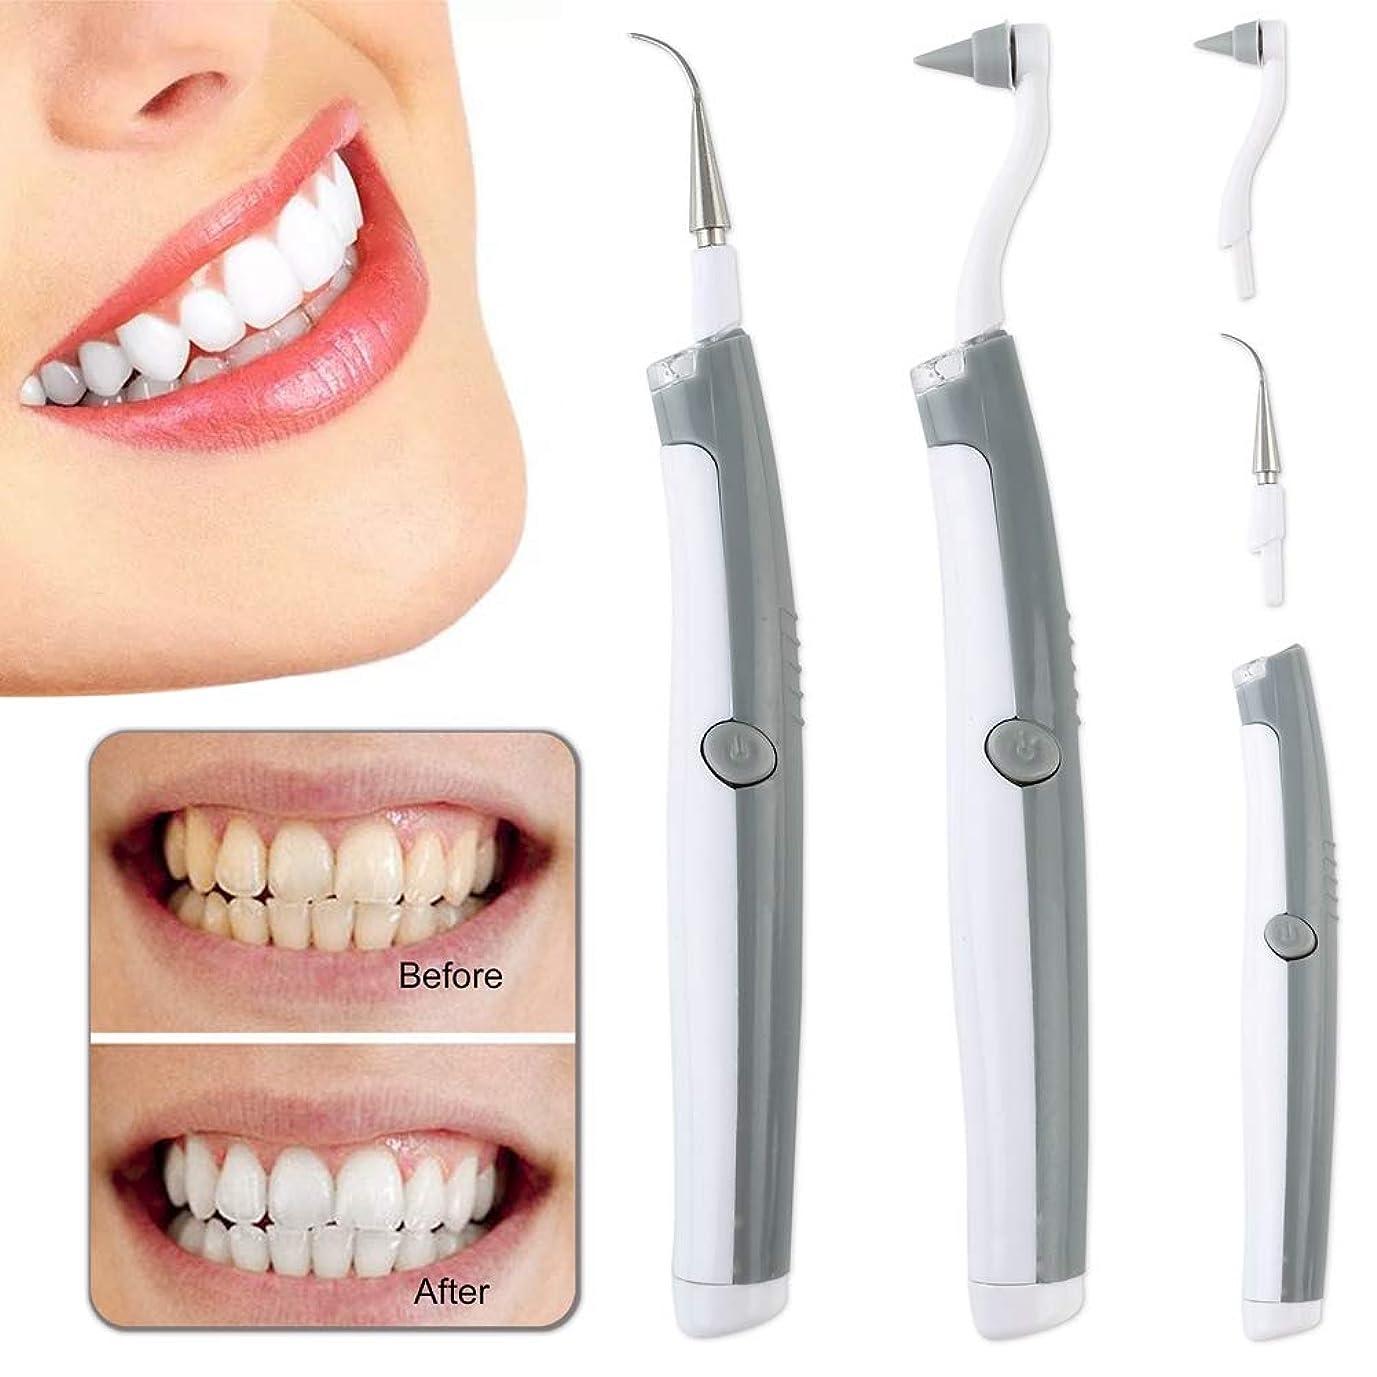 早いコイン植物のSix-Bullotime 歯用ツール 電動 歯清潔 歯の消しゴム 多機能の電動のLED歯科用ツールキットオーラルケア 歯間クリーナー 歯磨き 歯石取り 口腔洗浄器 口臭防止